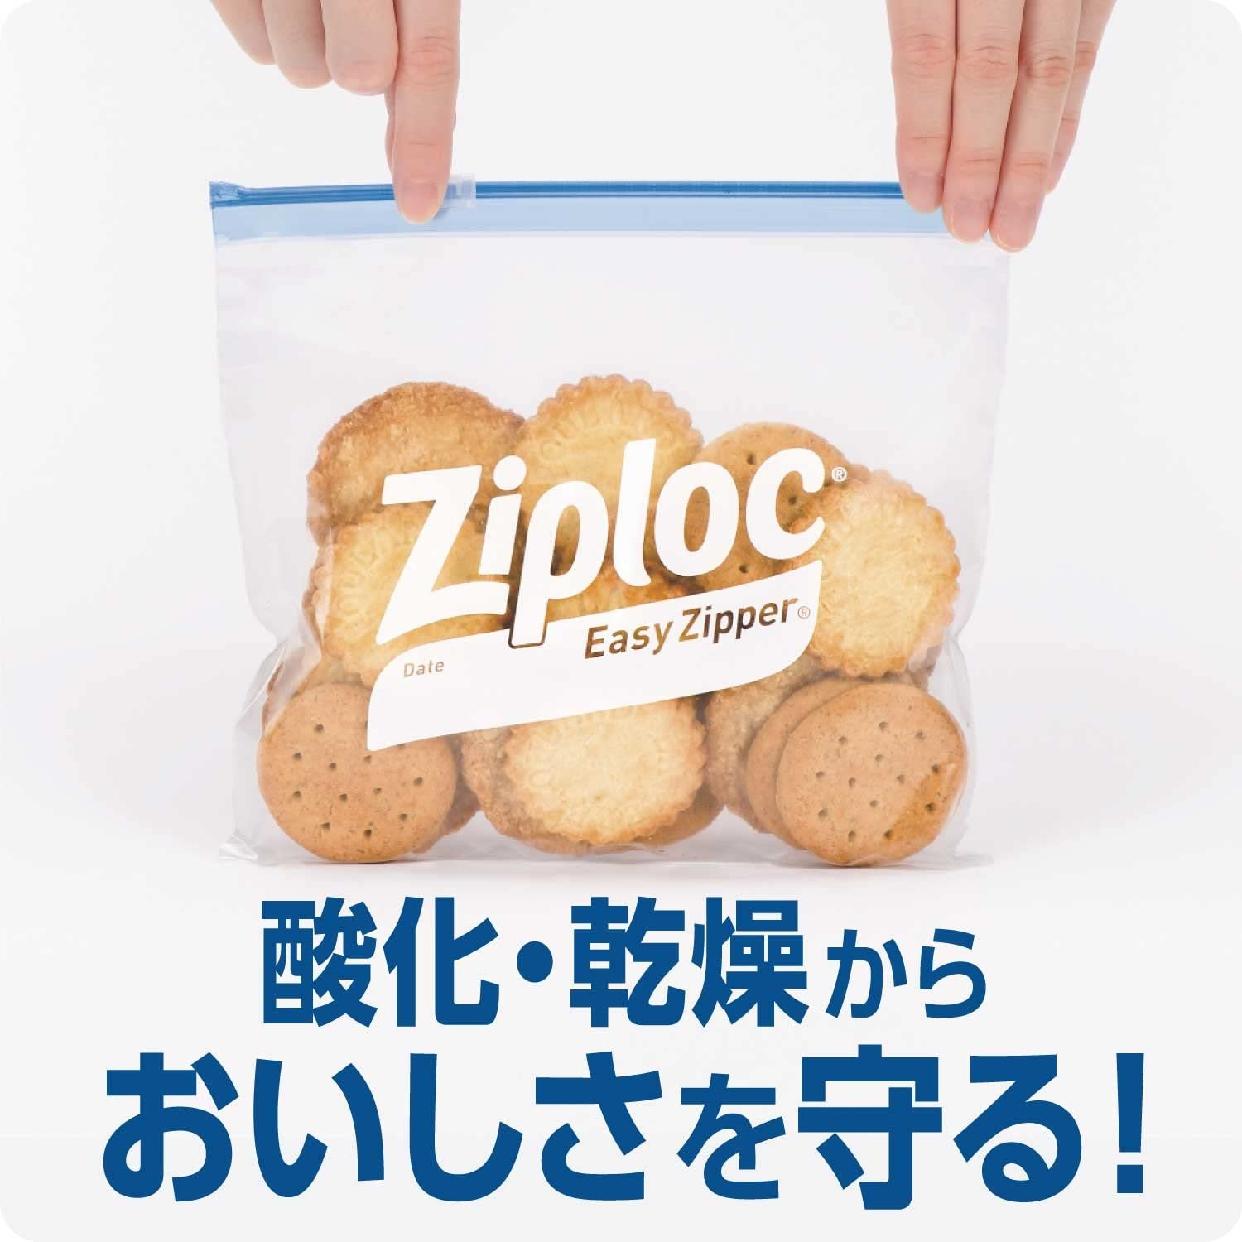 Ziploc(ジップロック) イージージッパーの商品画像4